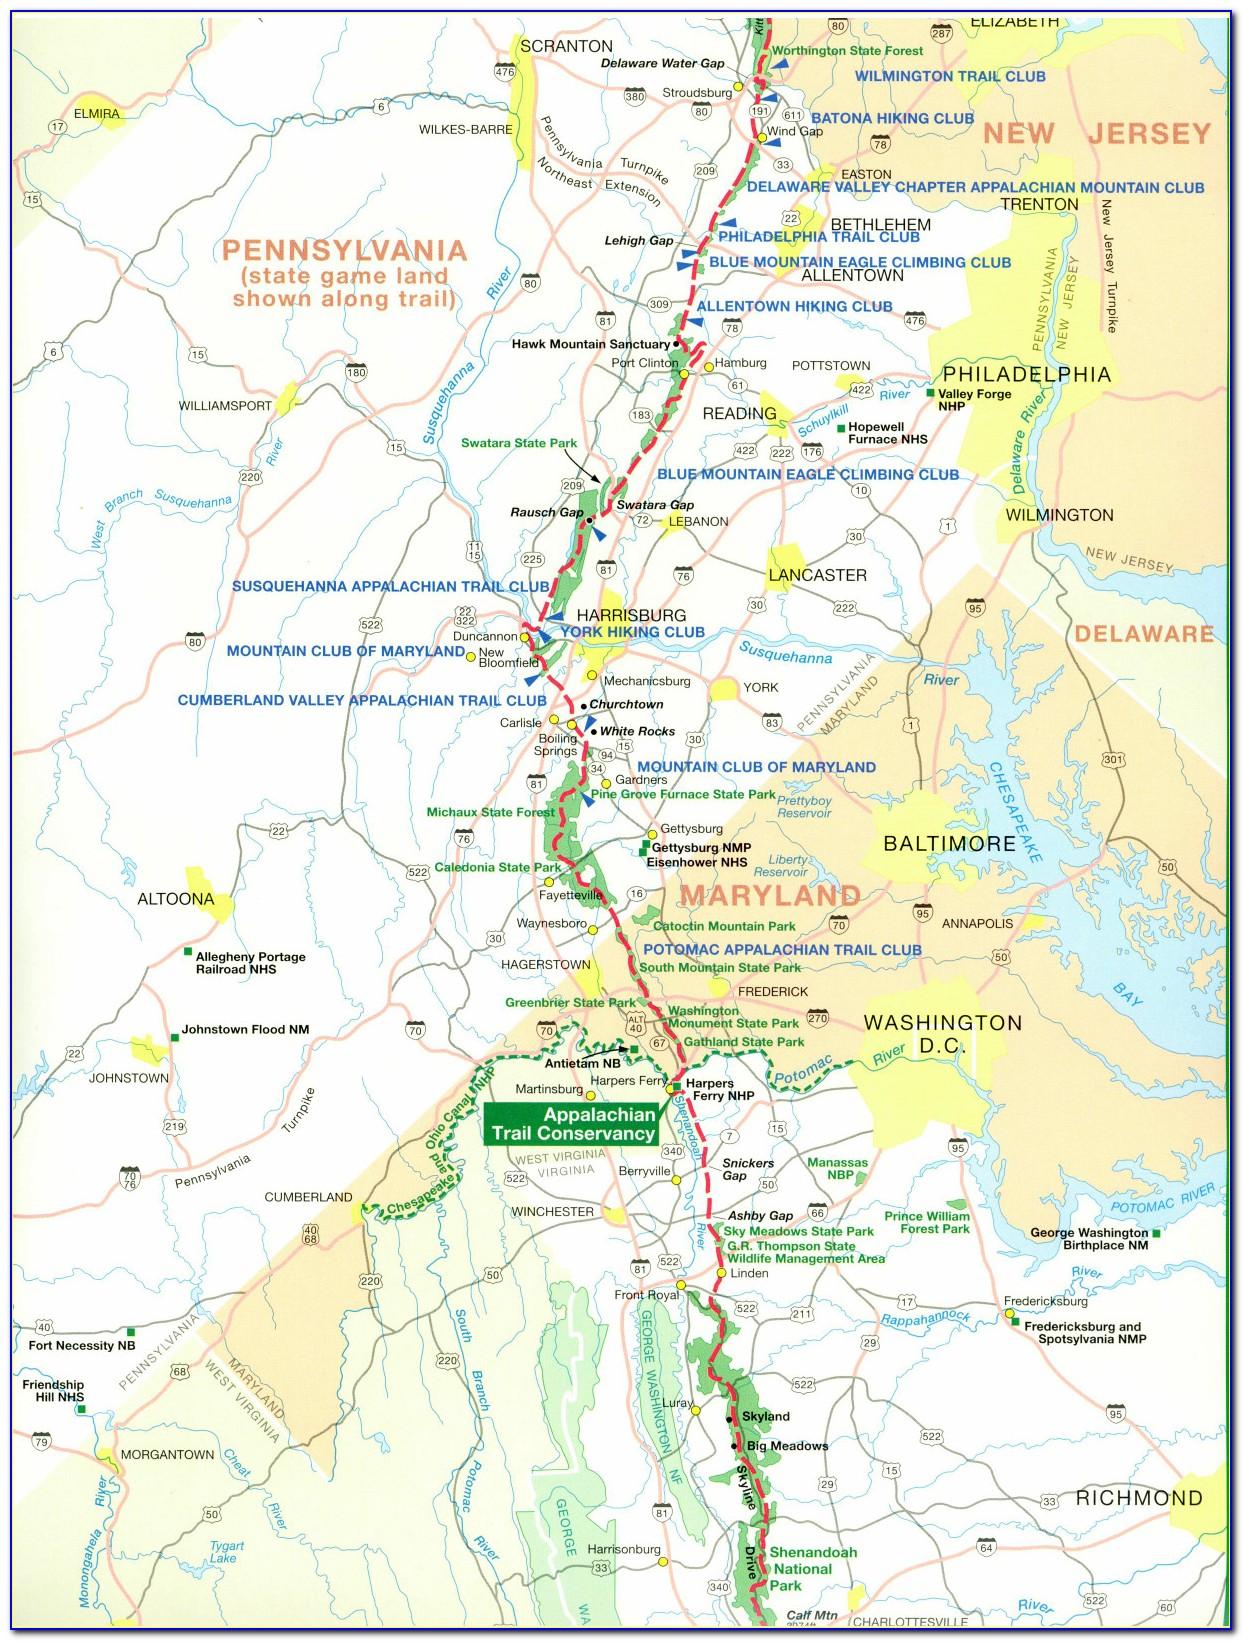 Appalachian Trail Guide Free Online